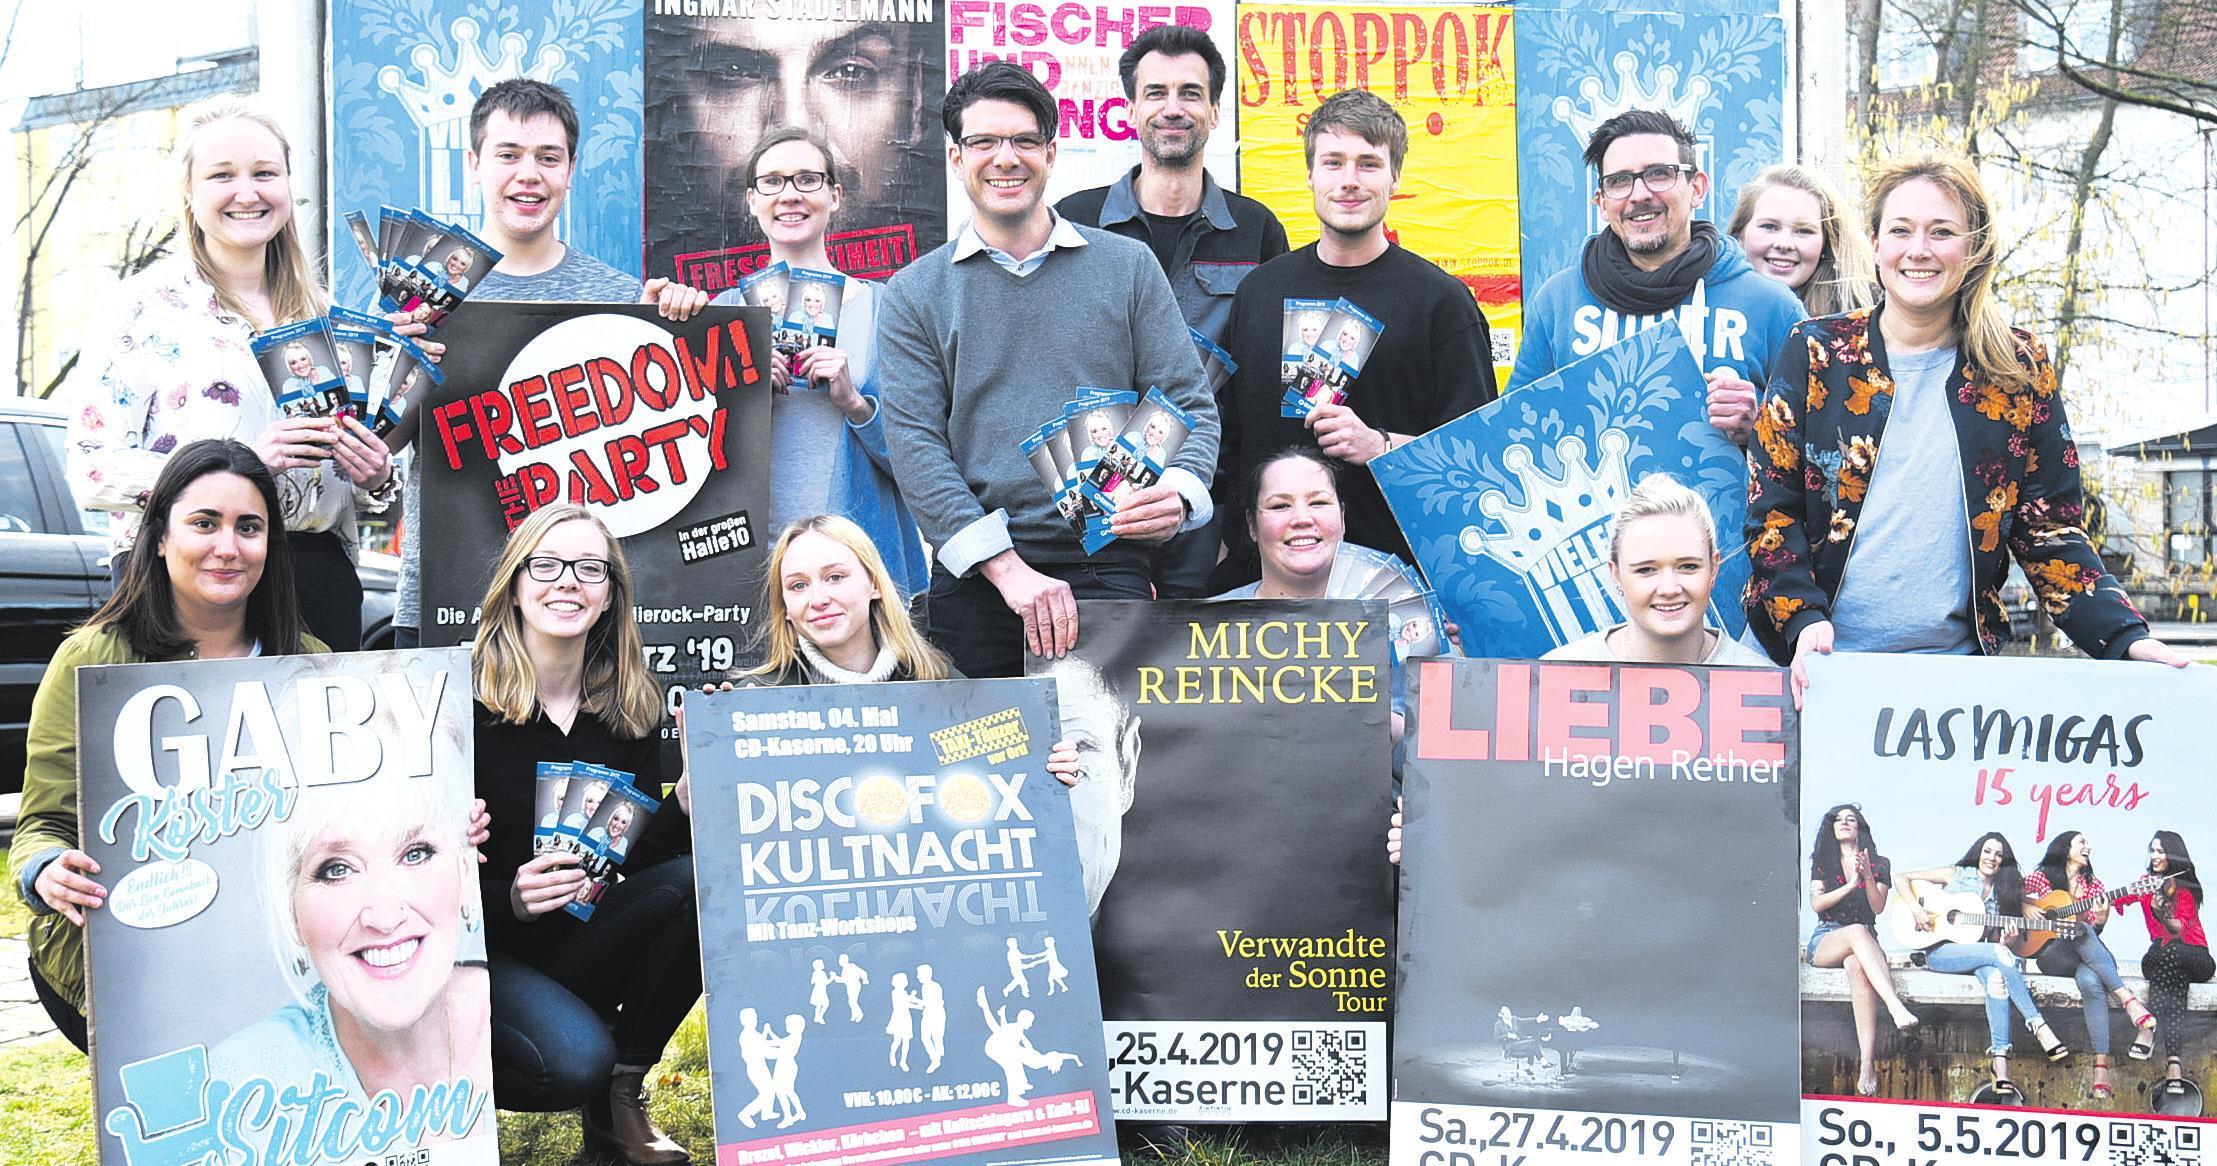 Das Team der CD-Kaserne Celle freut sich auf die bevorstehenden Veranstaltungen. Foto: Lisa Müller